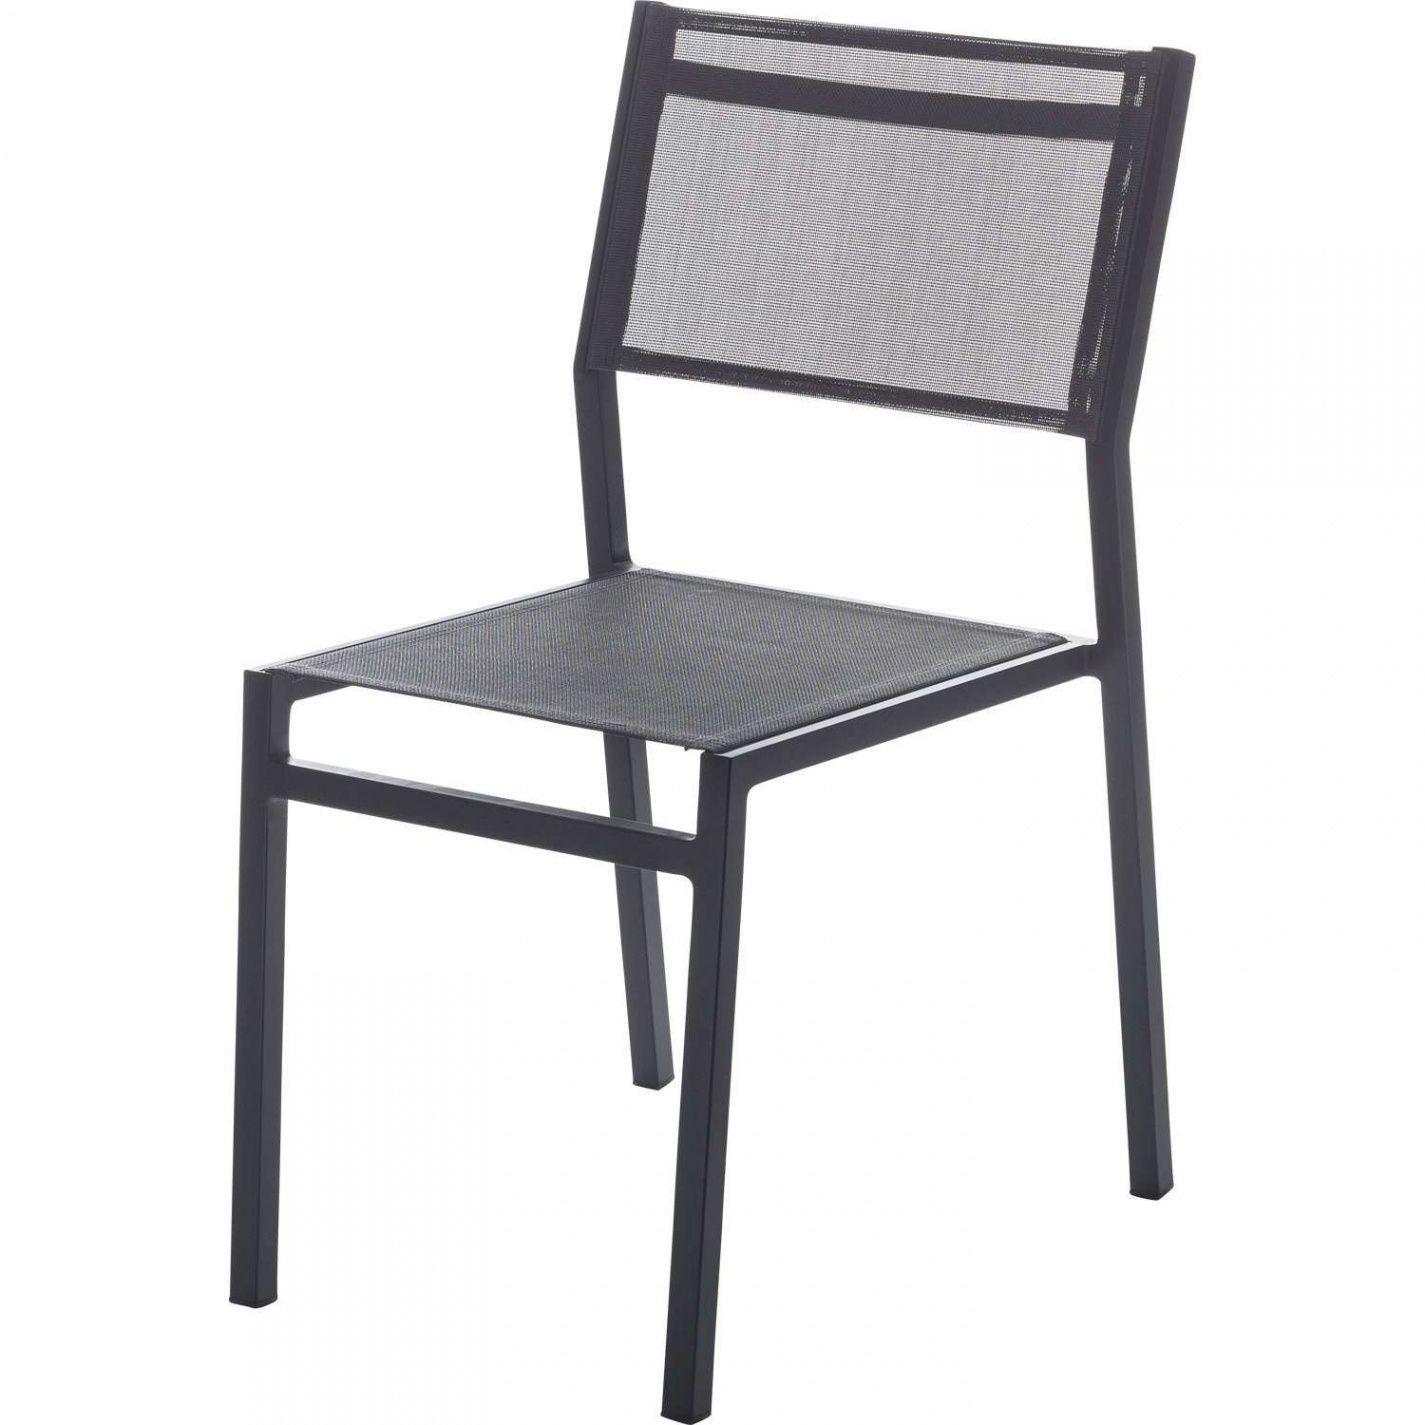 chaises et fauteuils de jardin 26 meilleur fauteuil jardin of chaises et fauteuils de jardin